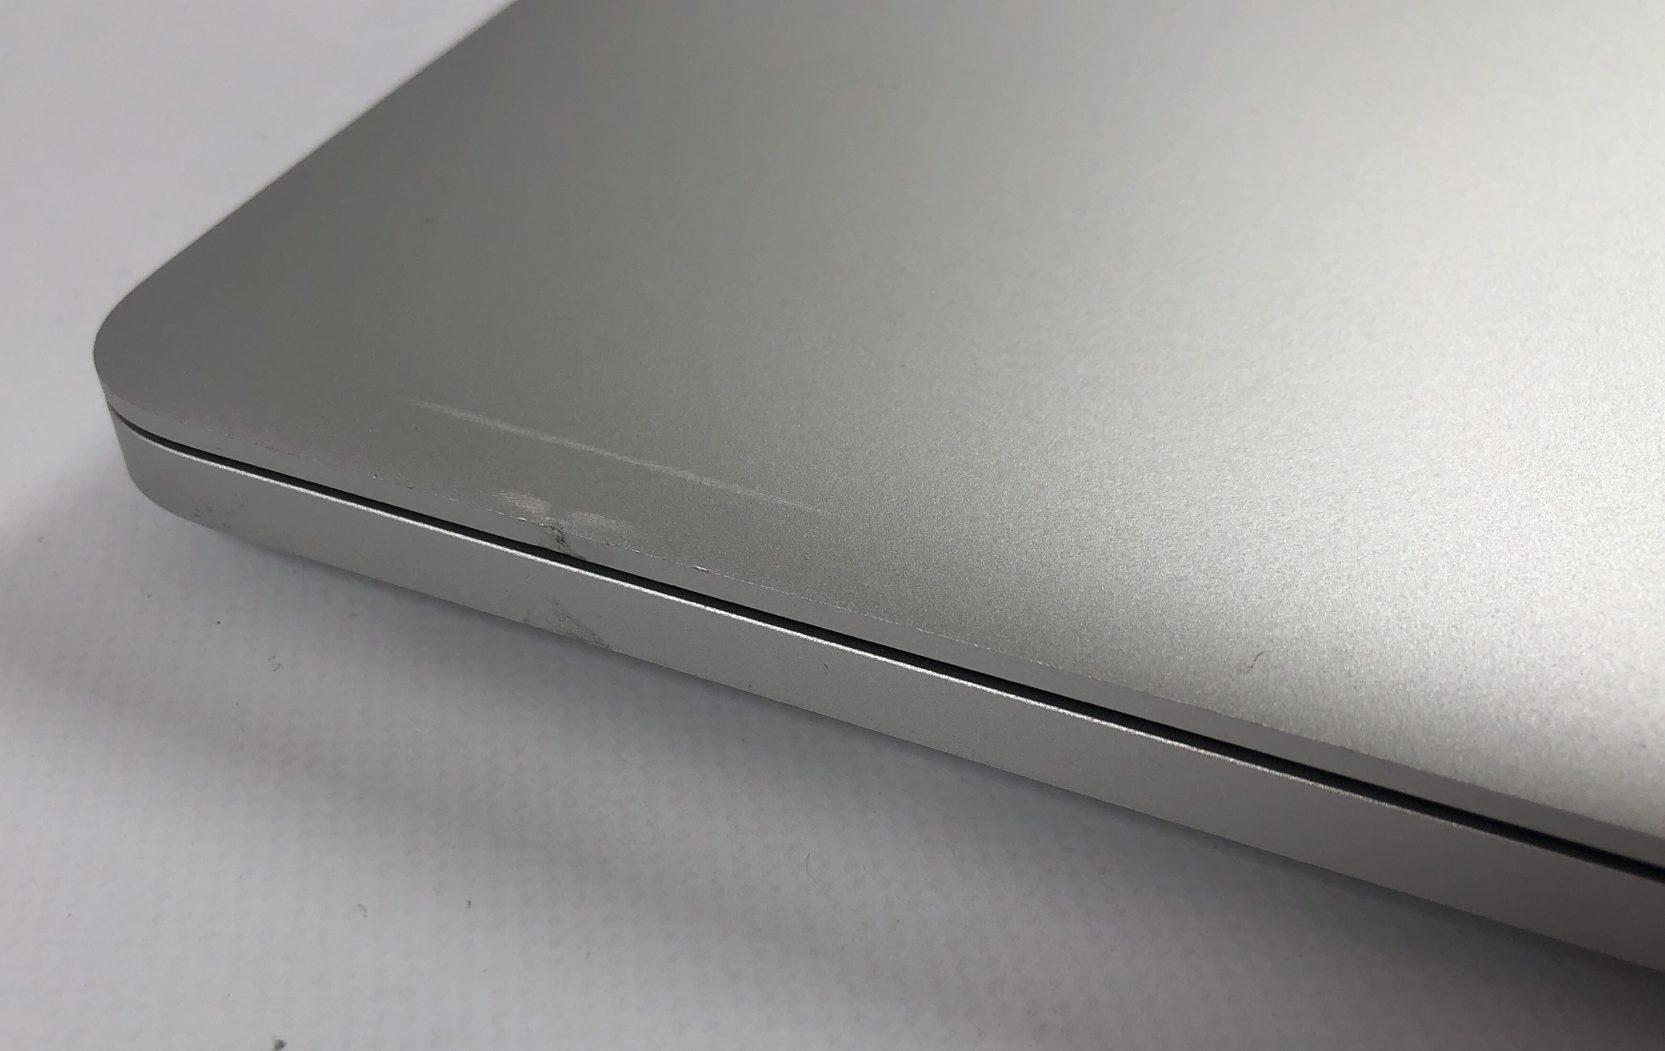 """MacBook Pro Retina 15"""" Mid 2014 (Intel Quad-Core i7 2.5 GHz 16 GB RAM 512 GB SSD), Intel Quad-Core i7 2.5 GHz, 16 GB RAM, 512 GB SSD, Kuva 4"""